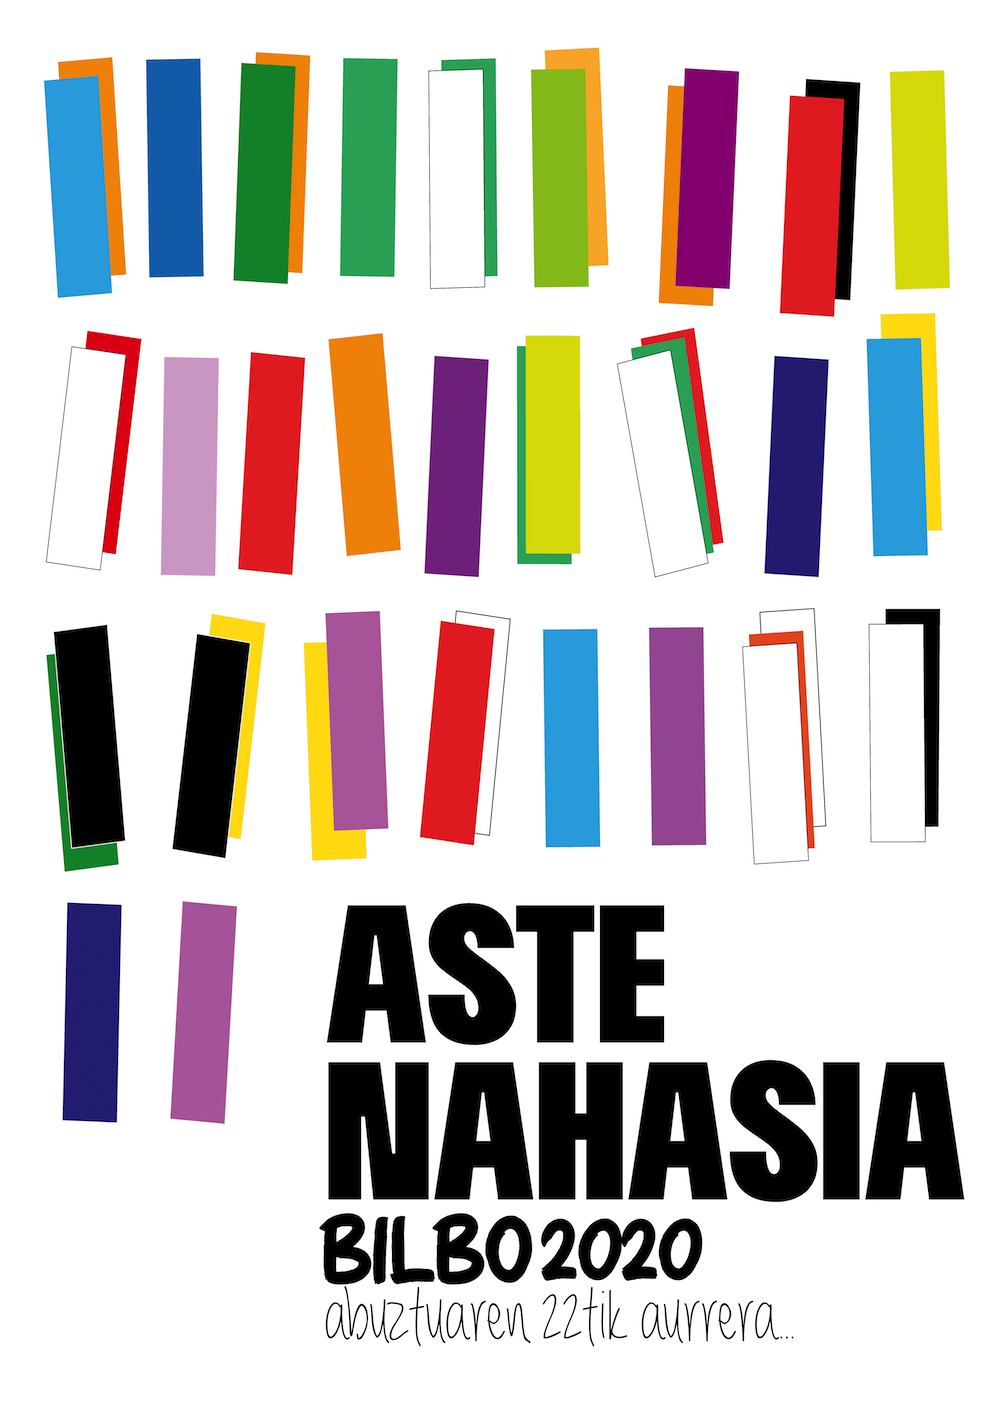 Aste Nahasia 2020